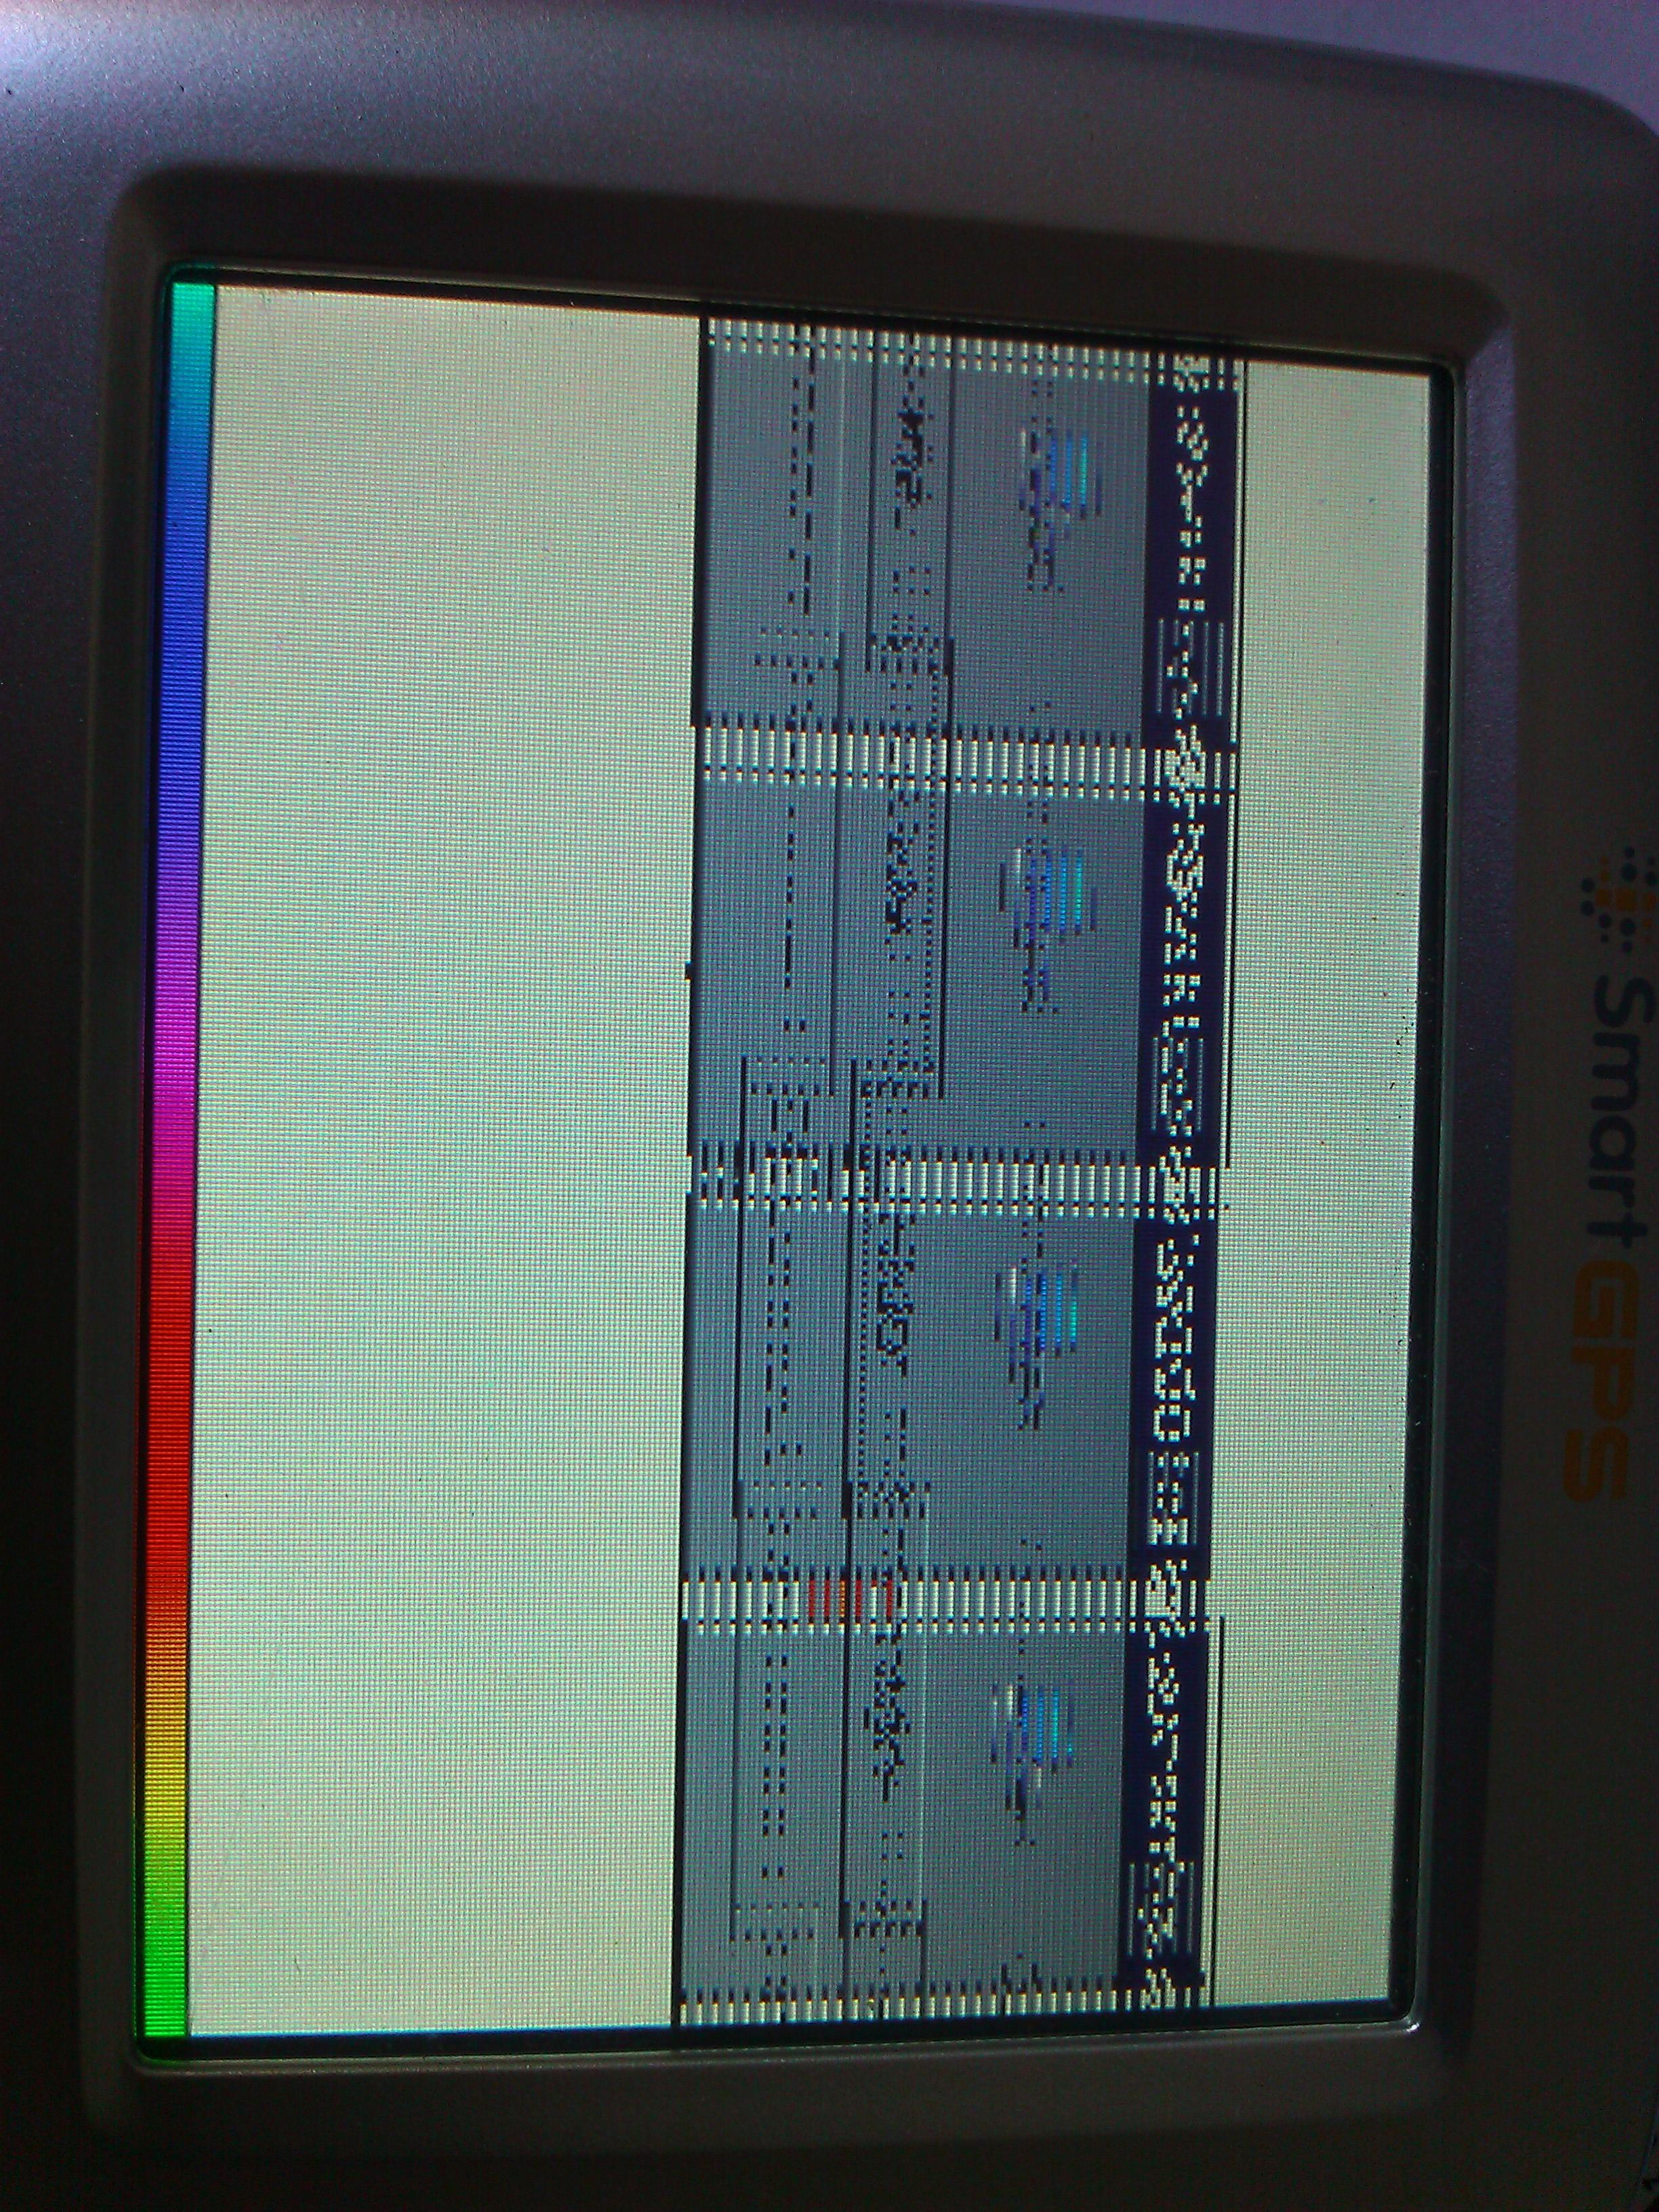 SmartGPS SG320 - pocz�tkowo startuje, p�niej siada ekran